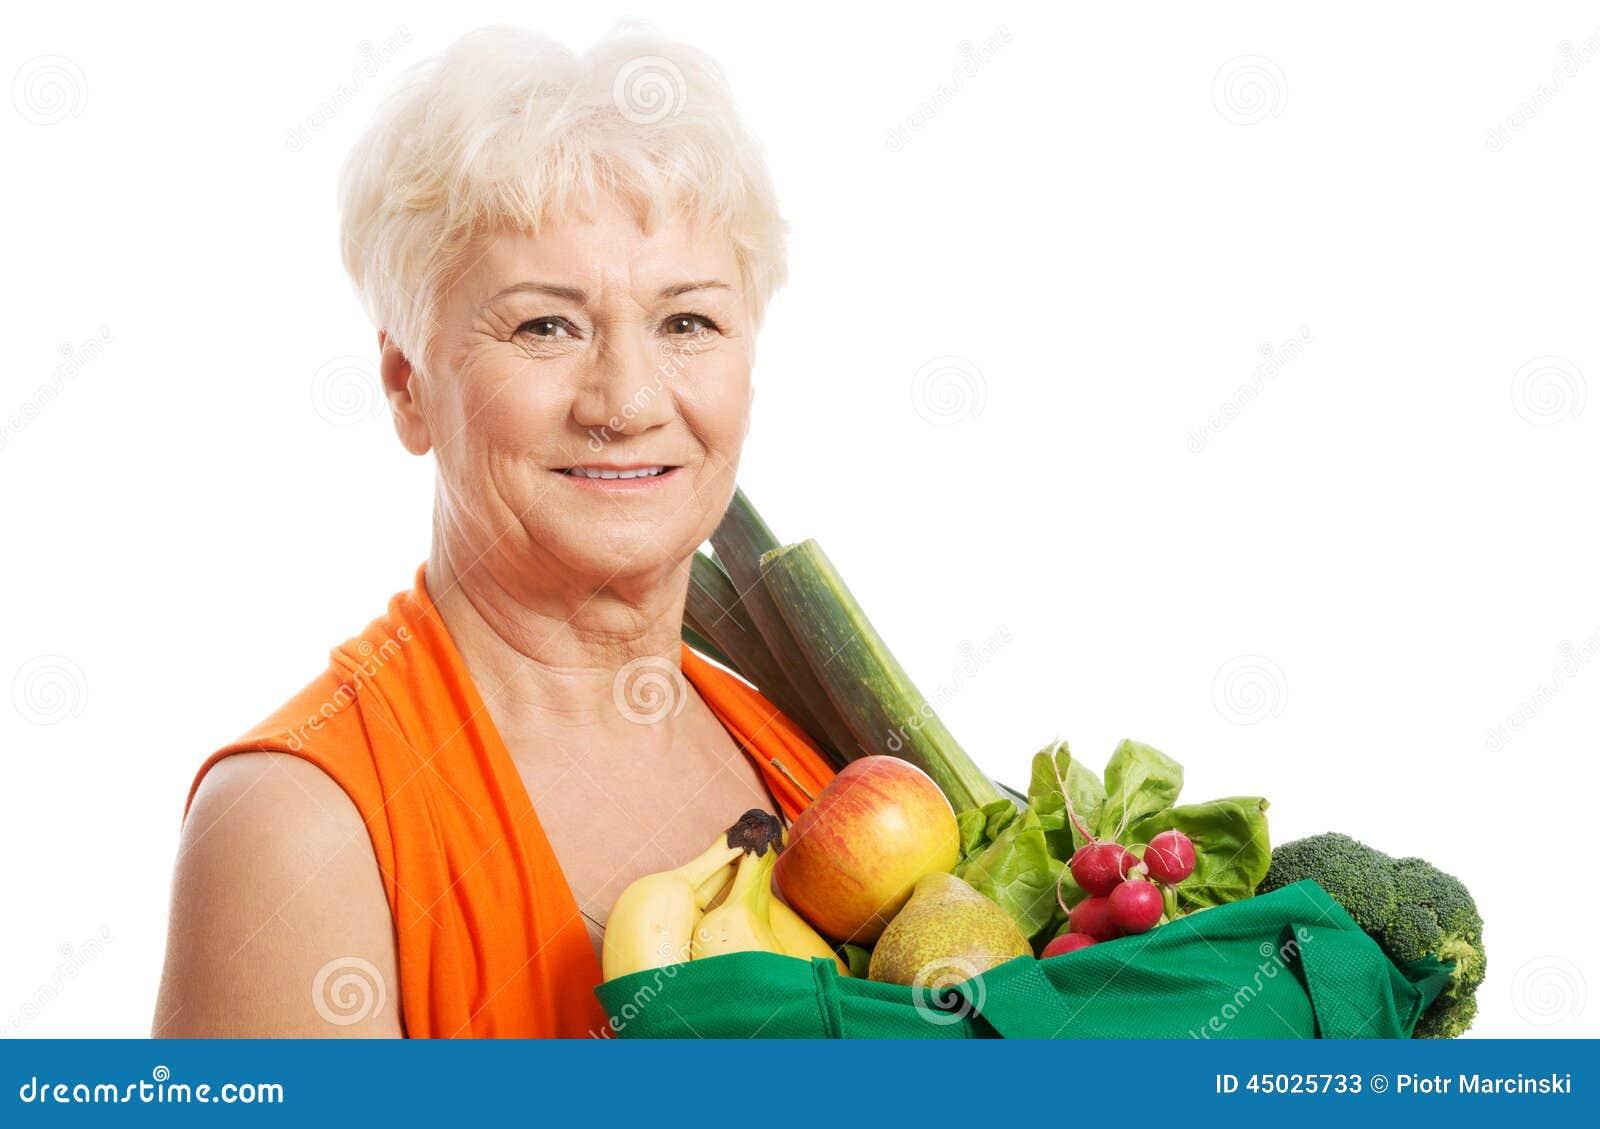 Z torbami starsza kobieta